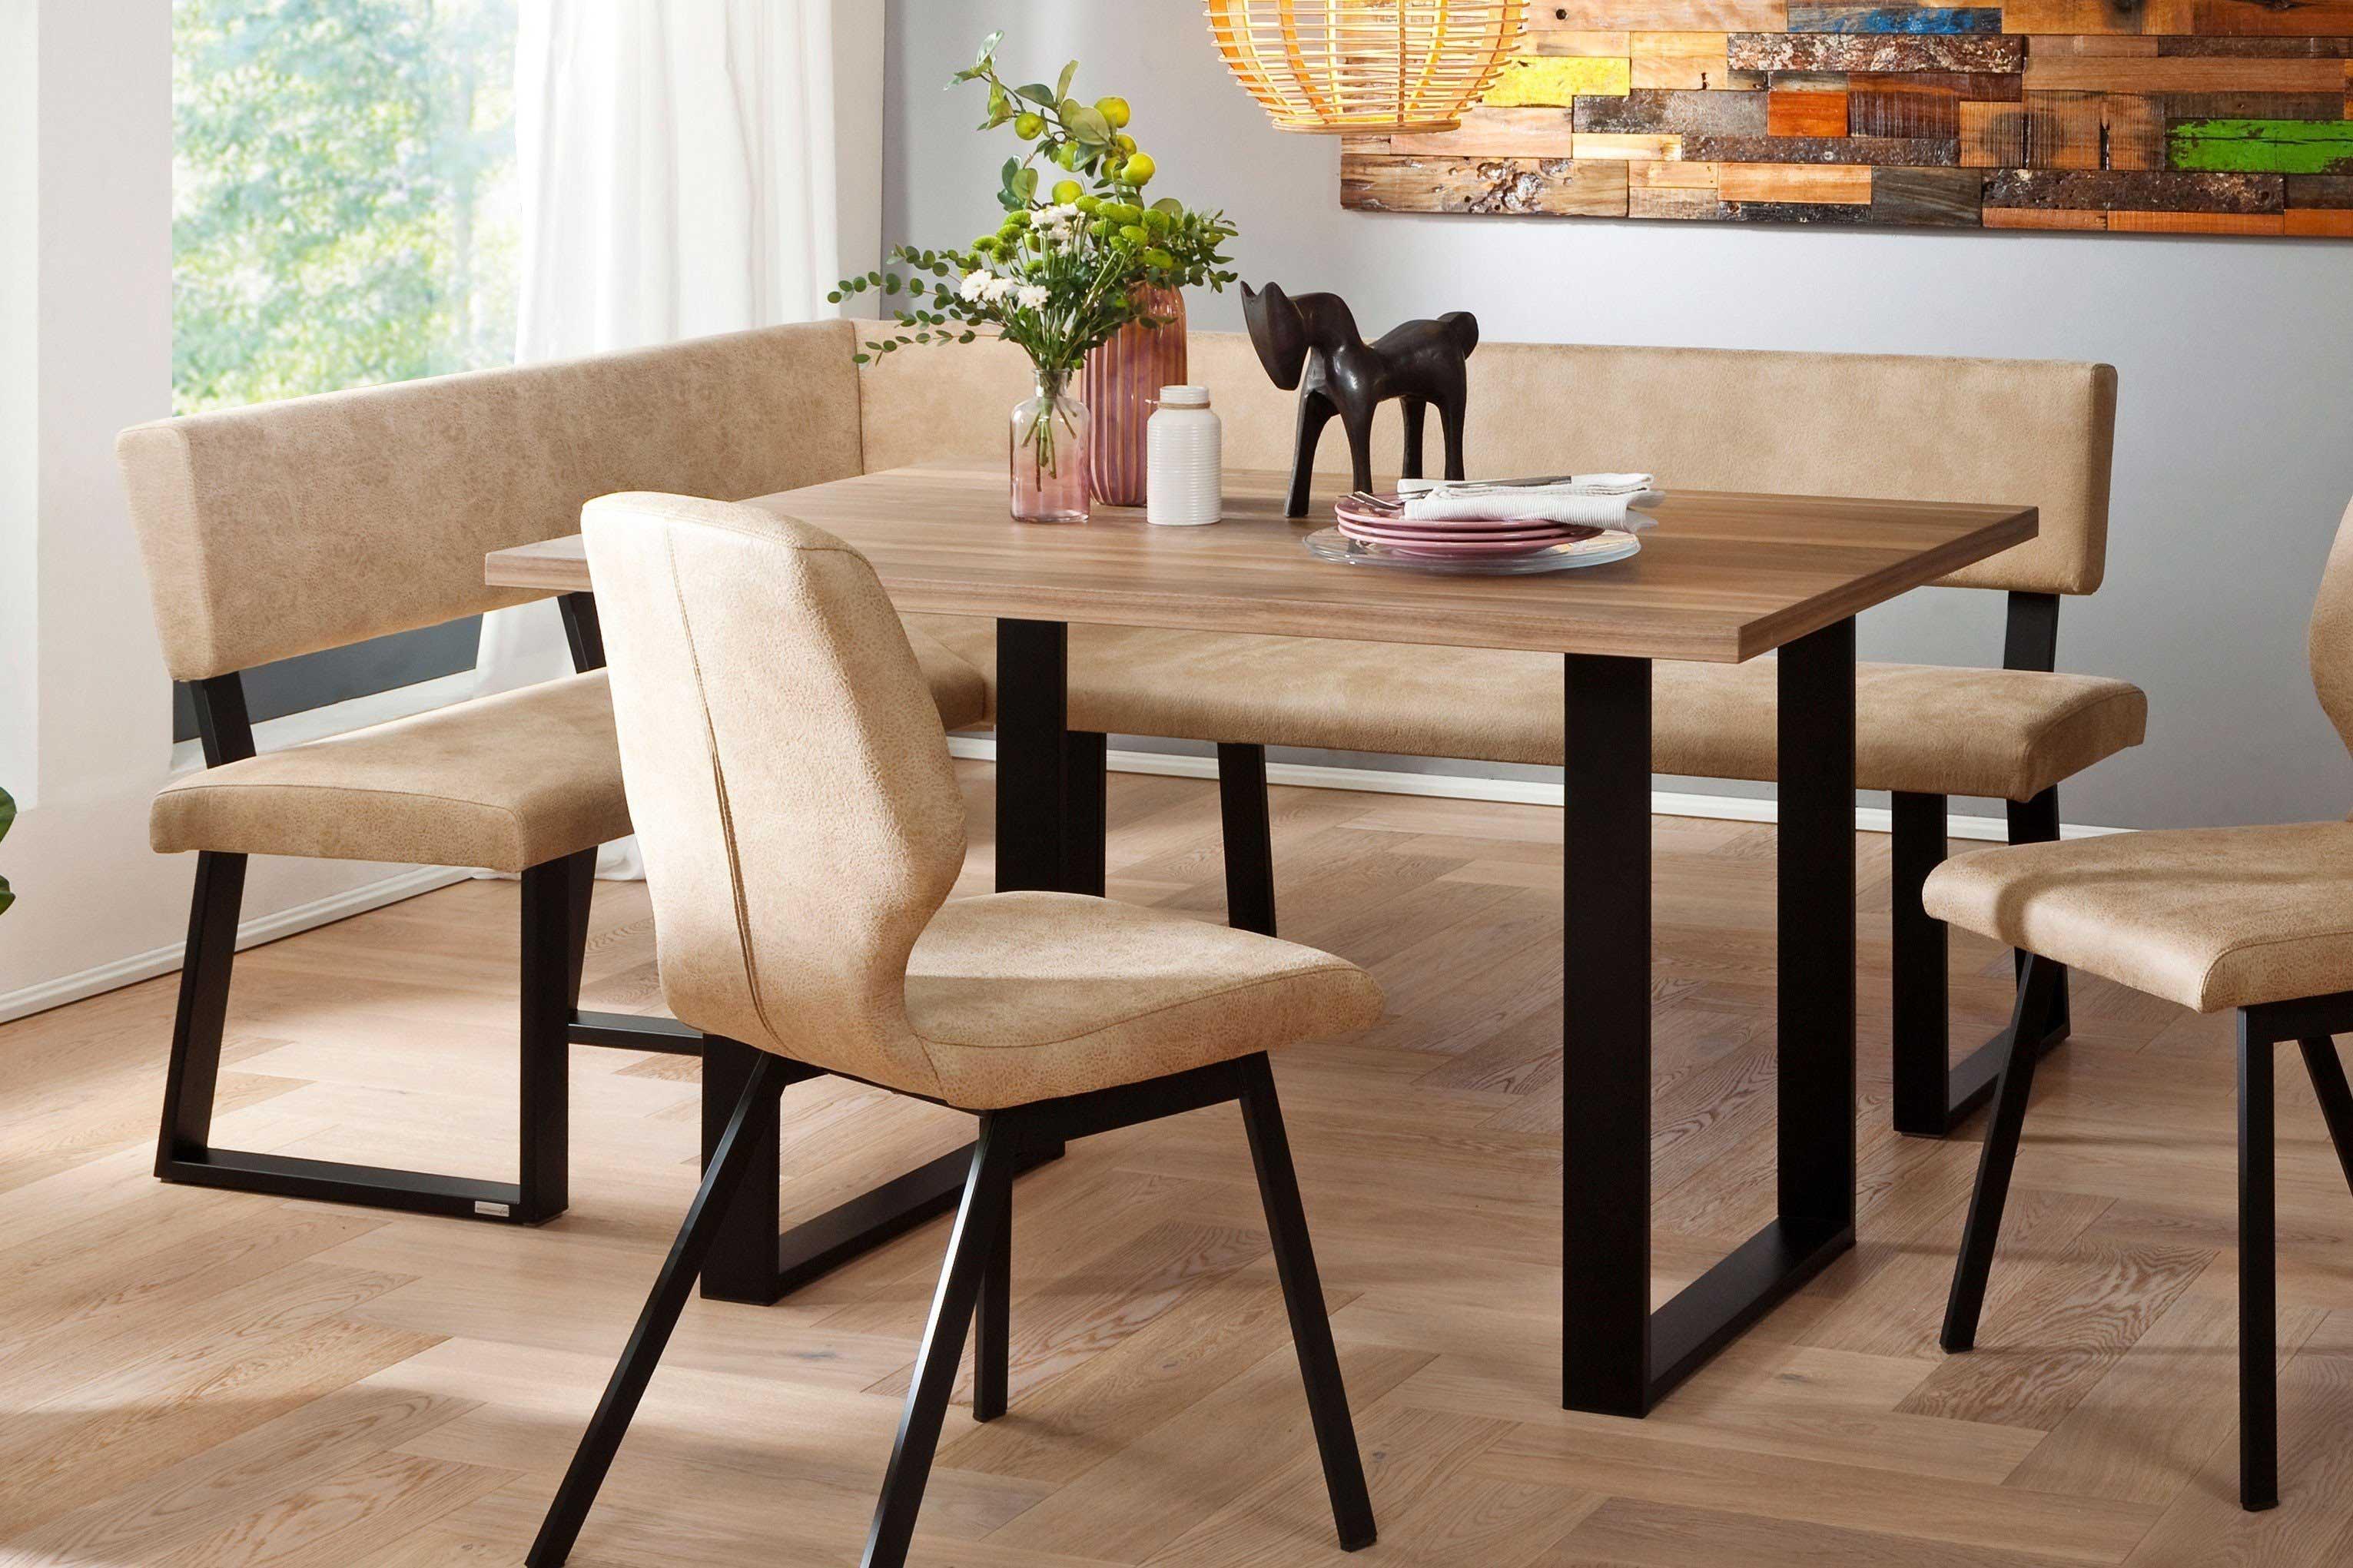 Schösswender Kos Tischgruppe mit Eckbank u. Stühlen beige